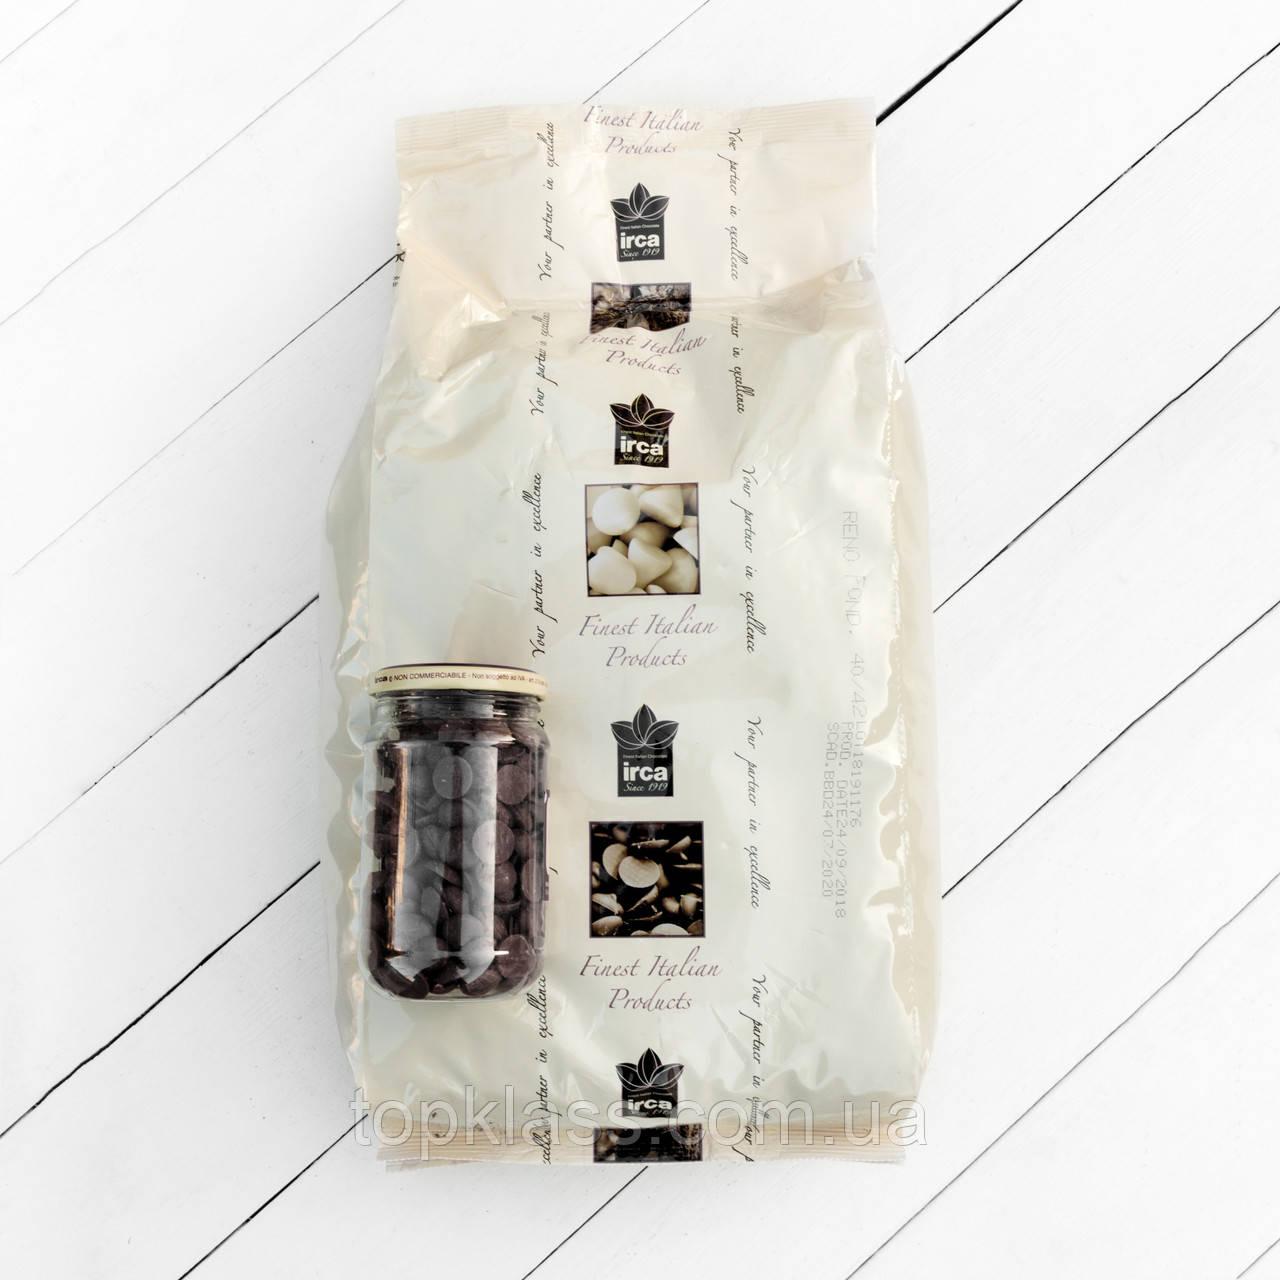 Чорний гіркий шоколад RENO FONDENTE 72%, Irca, Італія 1кг